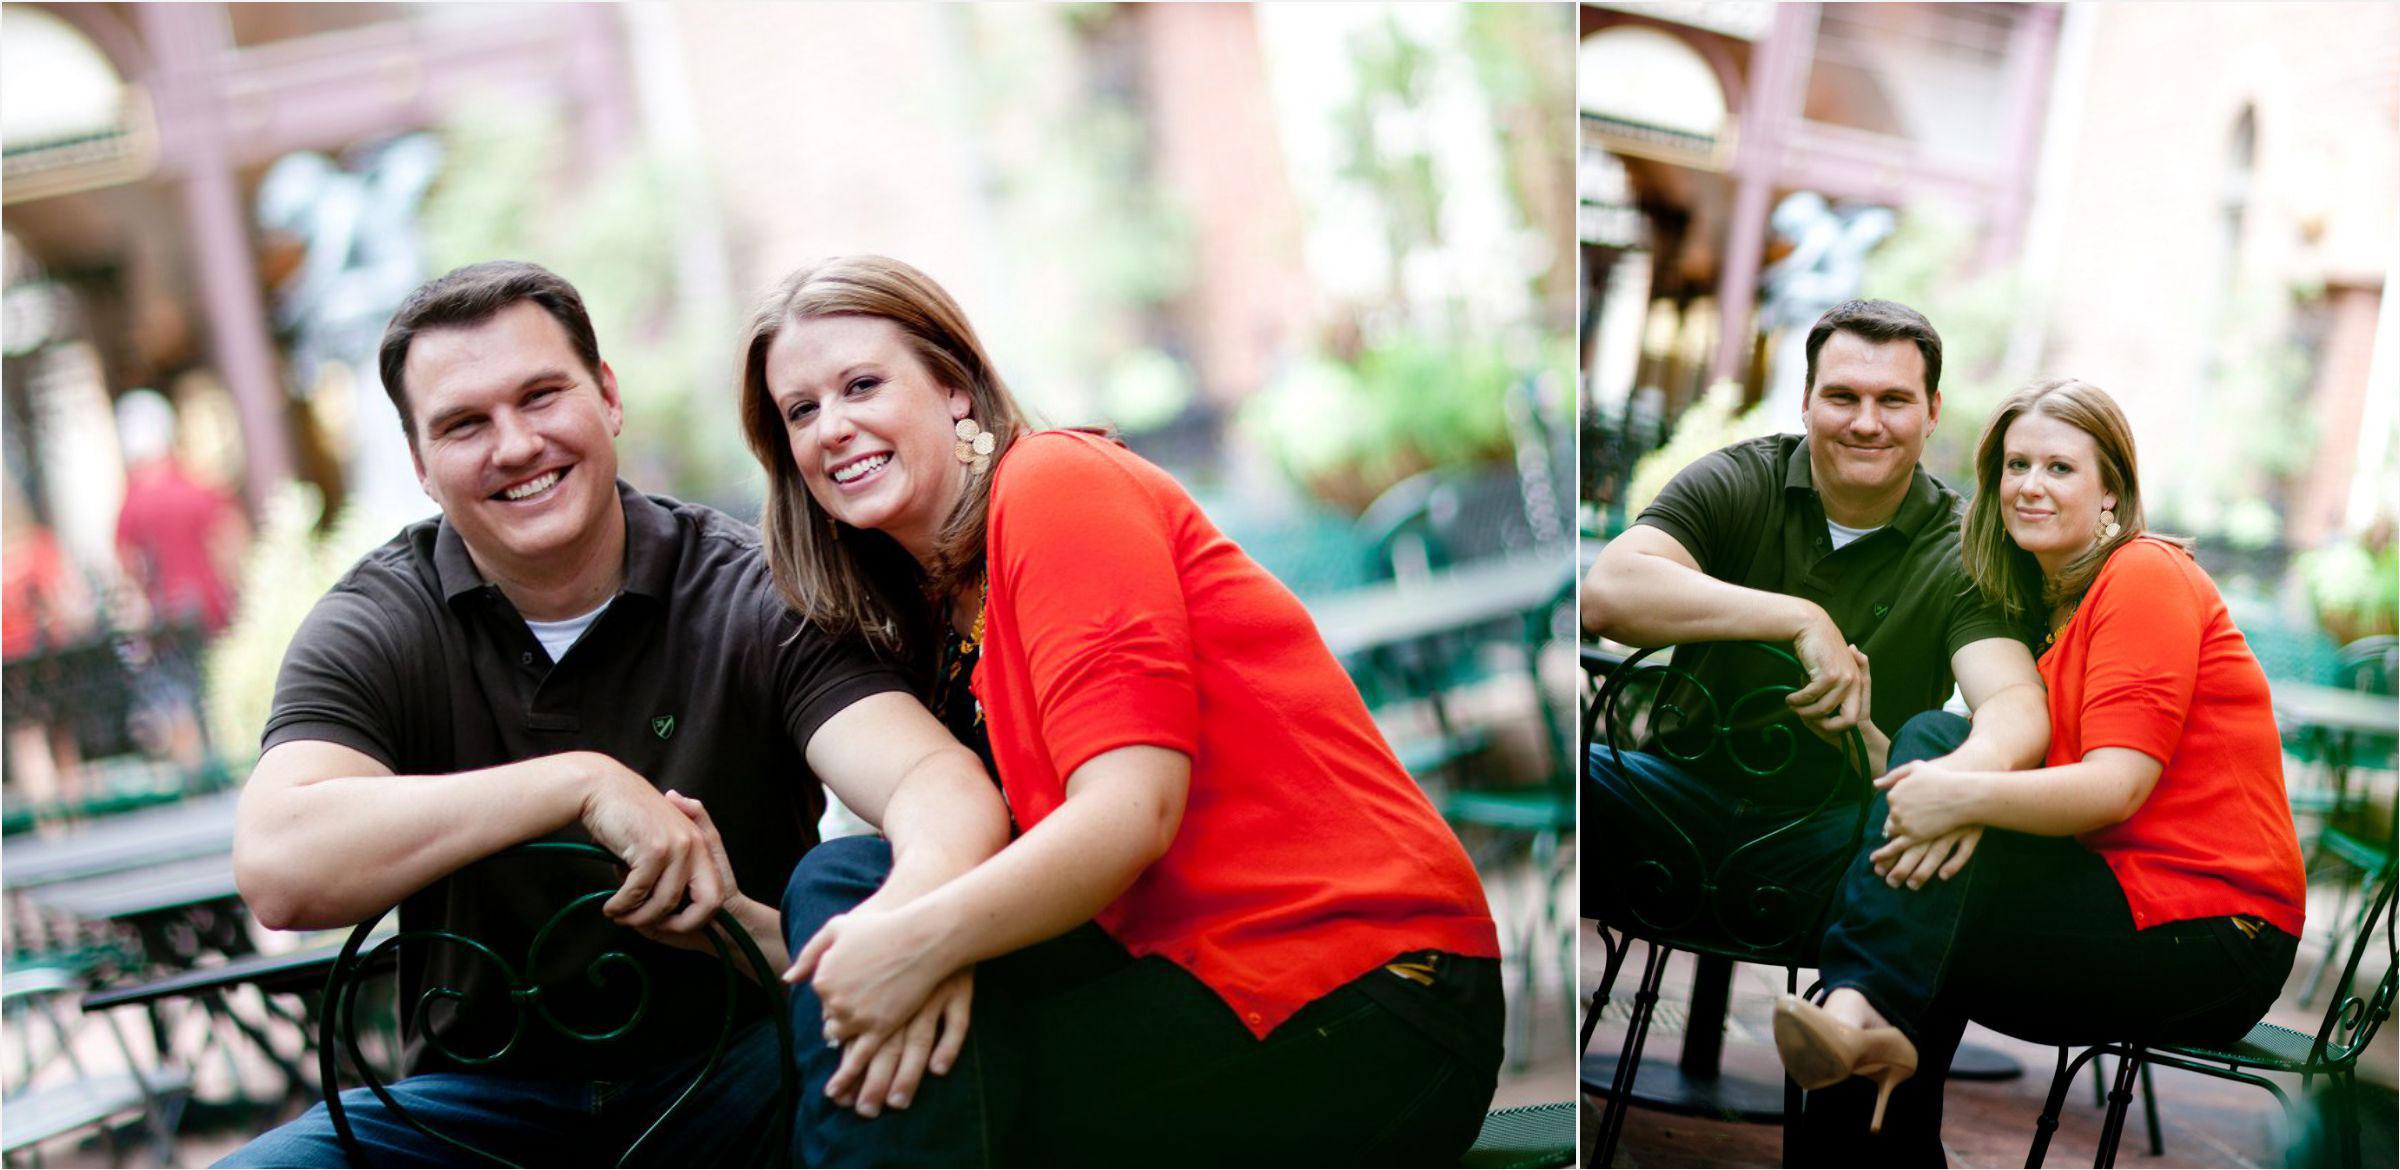 13-Denver-Family-Photography.jpg